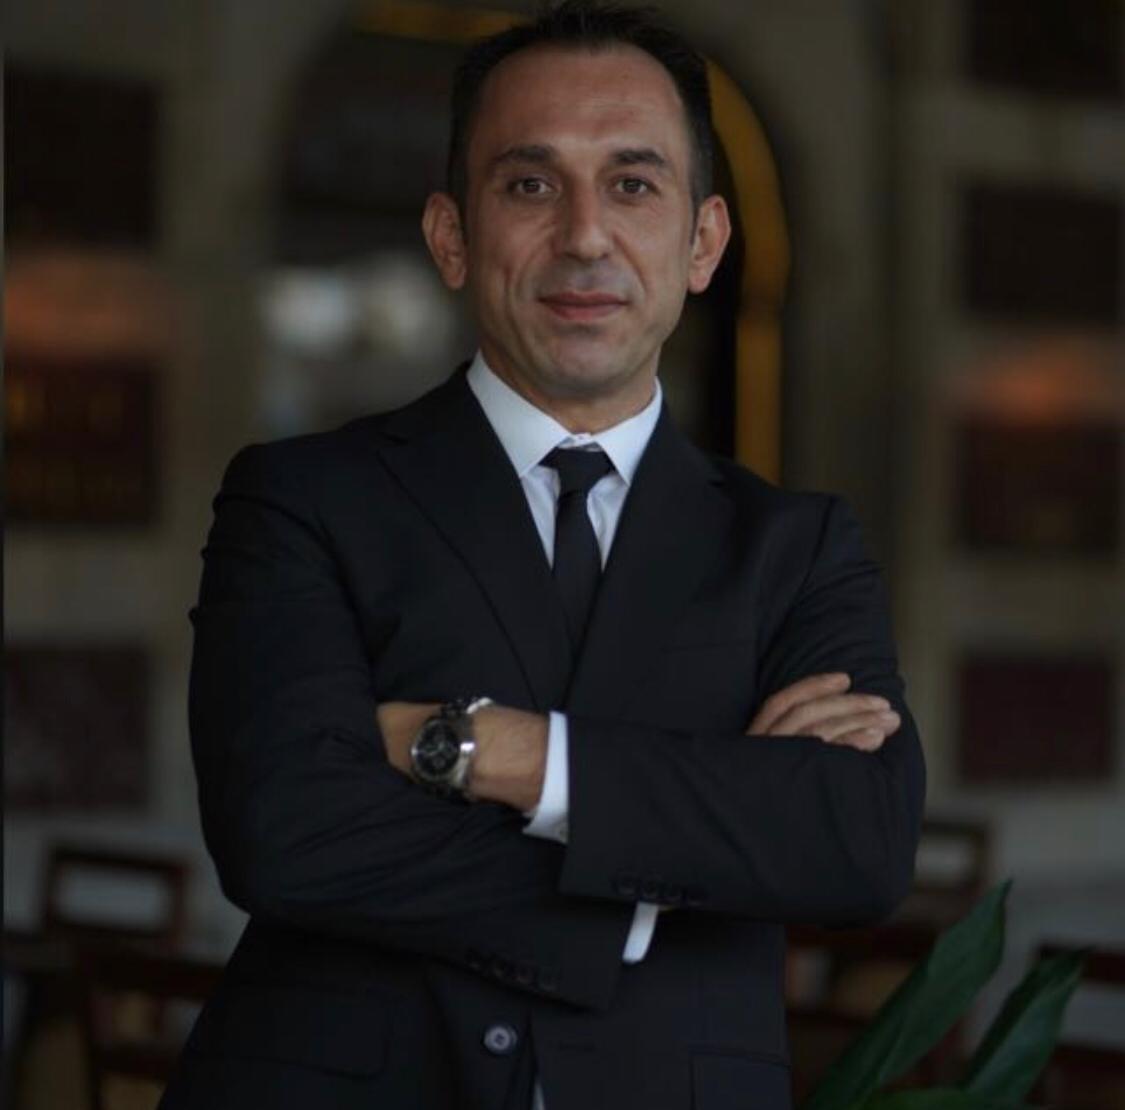 Erdoğan Kırıkkalelilerin göğsünü kabarttı - Erdoğan Kırıkkalelilerin göğsünü kabarttı